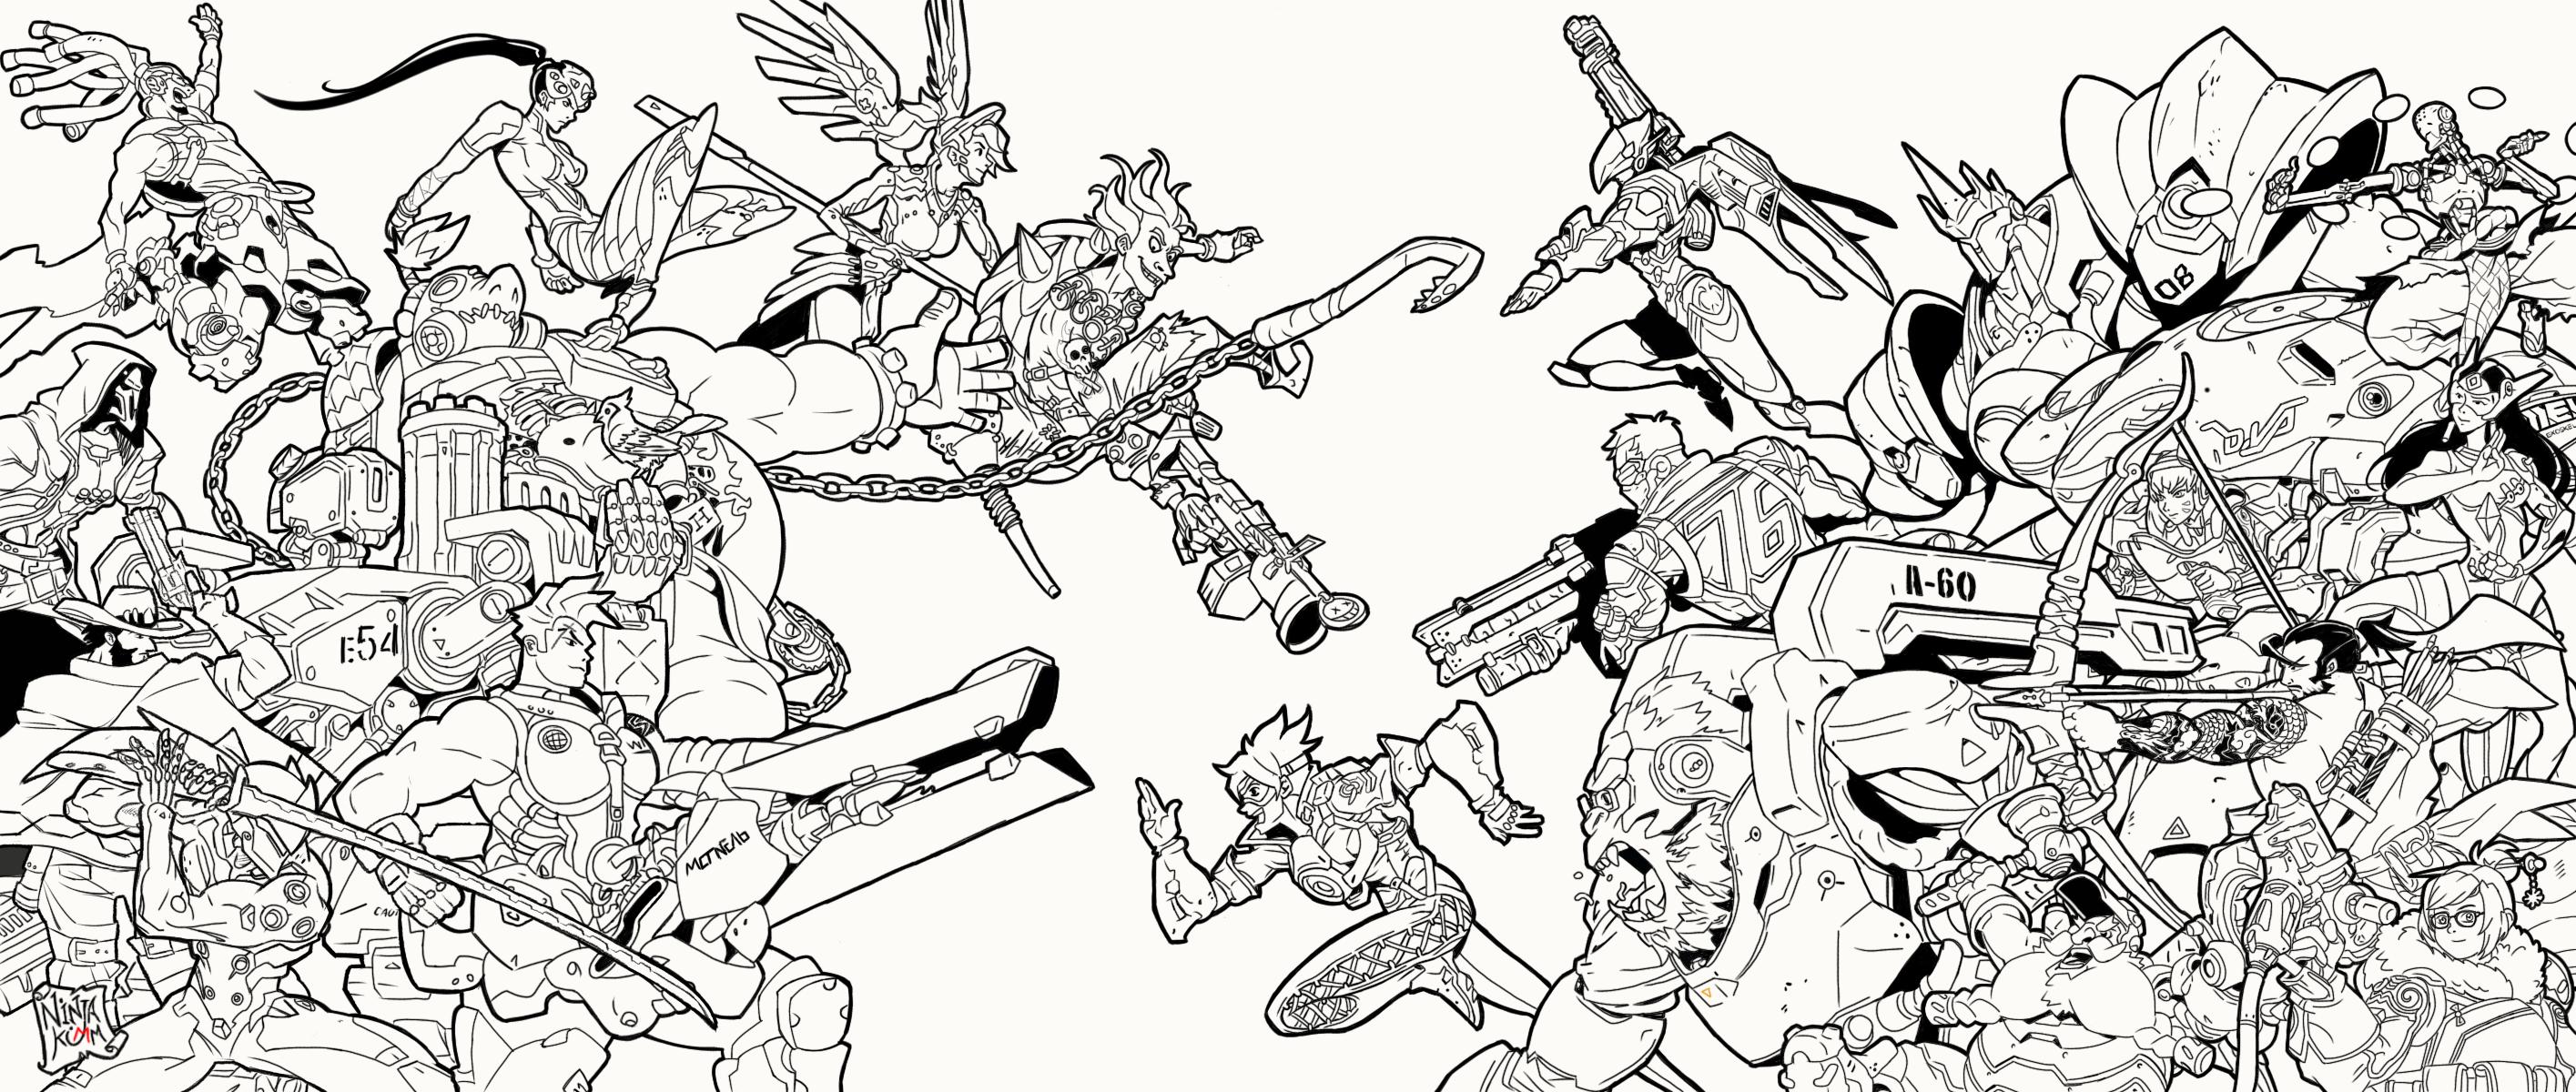 overwatch (lineart , fanart) by ninjakimm on DeviantArt